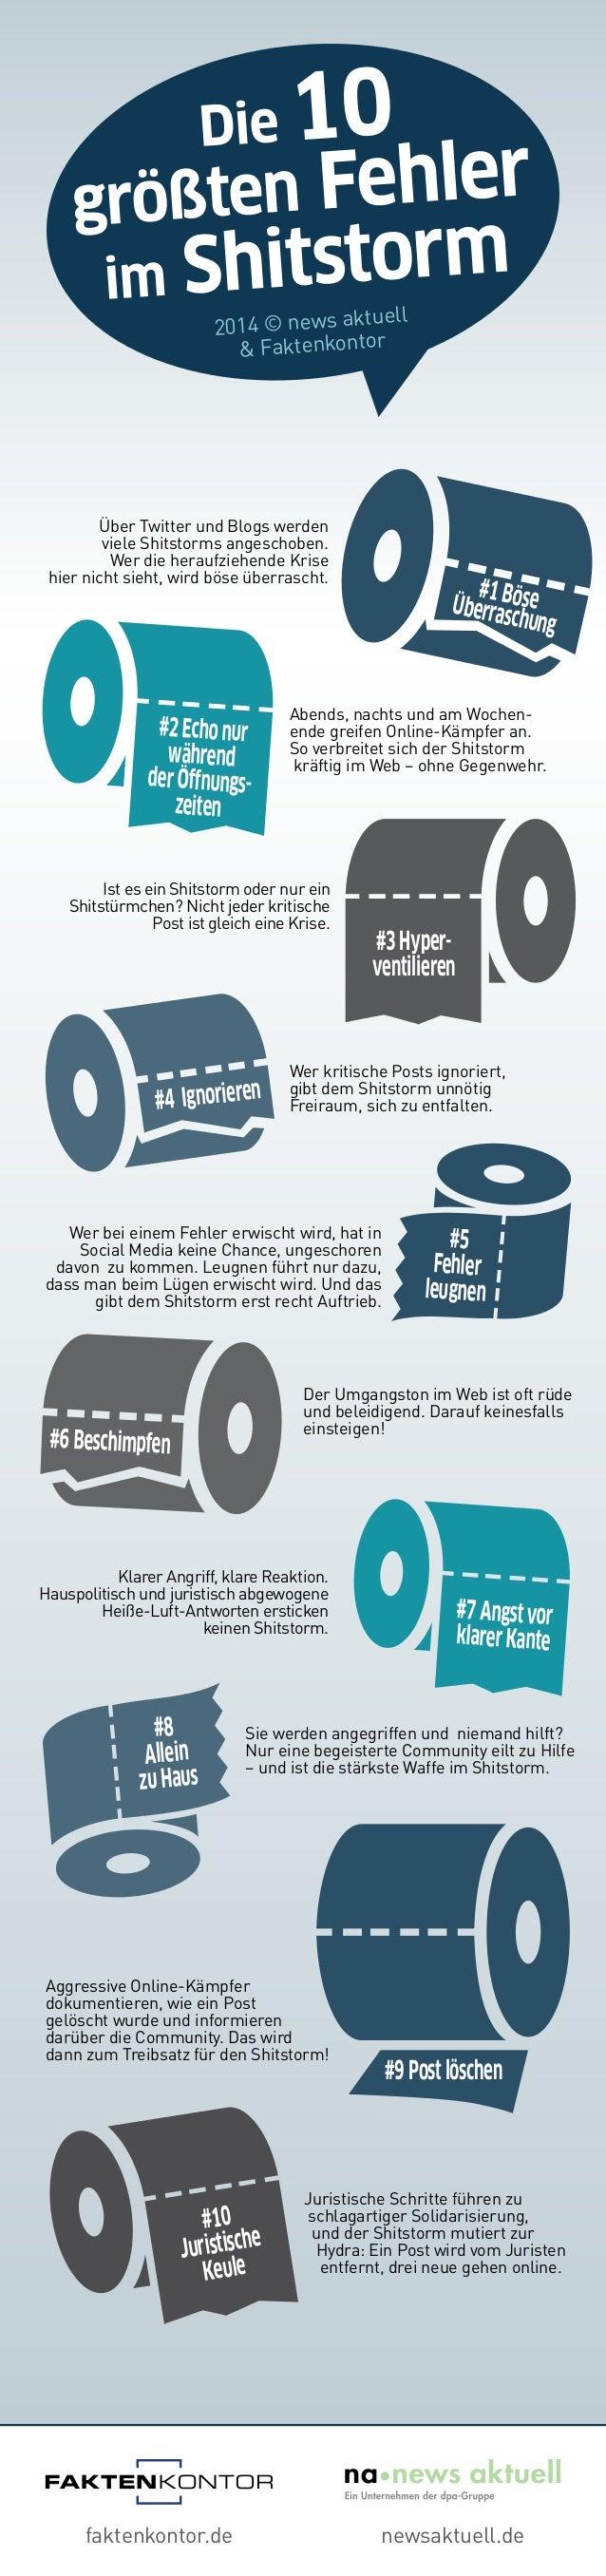 Die 10 größten Fehler im Shitstorm 2014 © news aktuell & Faktenkontor Abends, nachts und am Wochen- ende greifen Online-Kä...